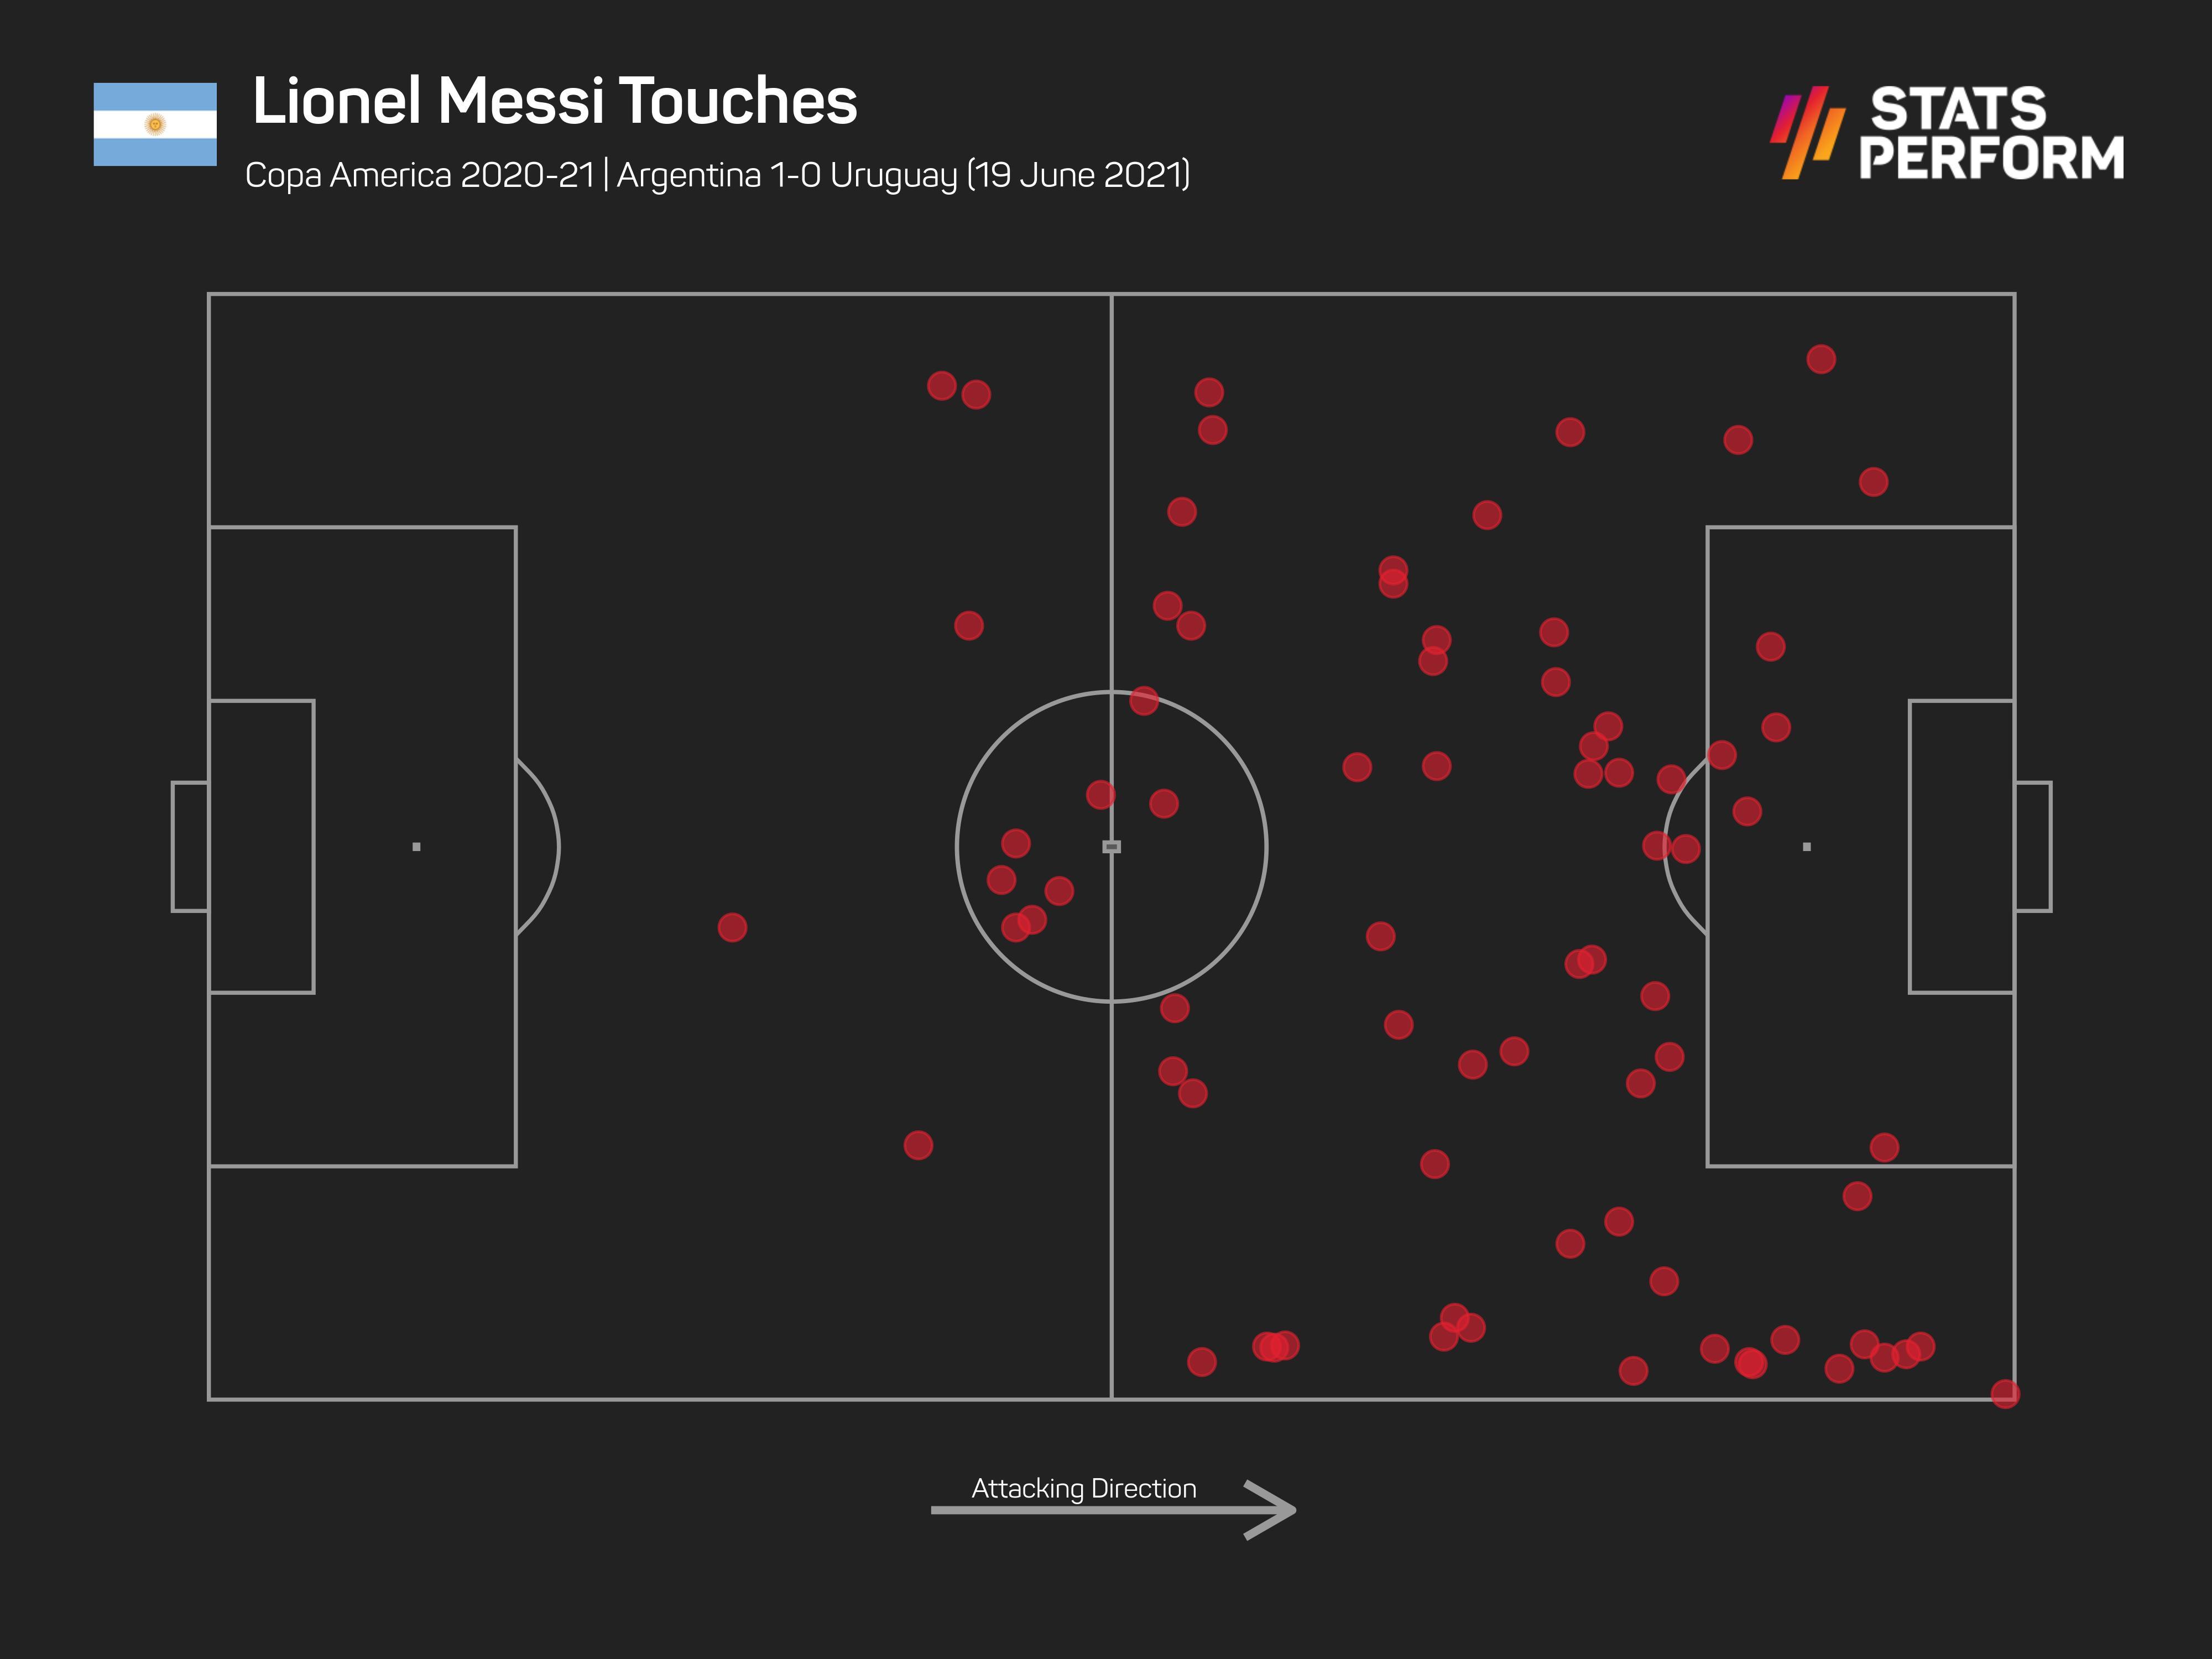 Lionel Messi v Uruguay, Copa America 2021